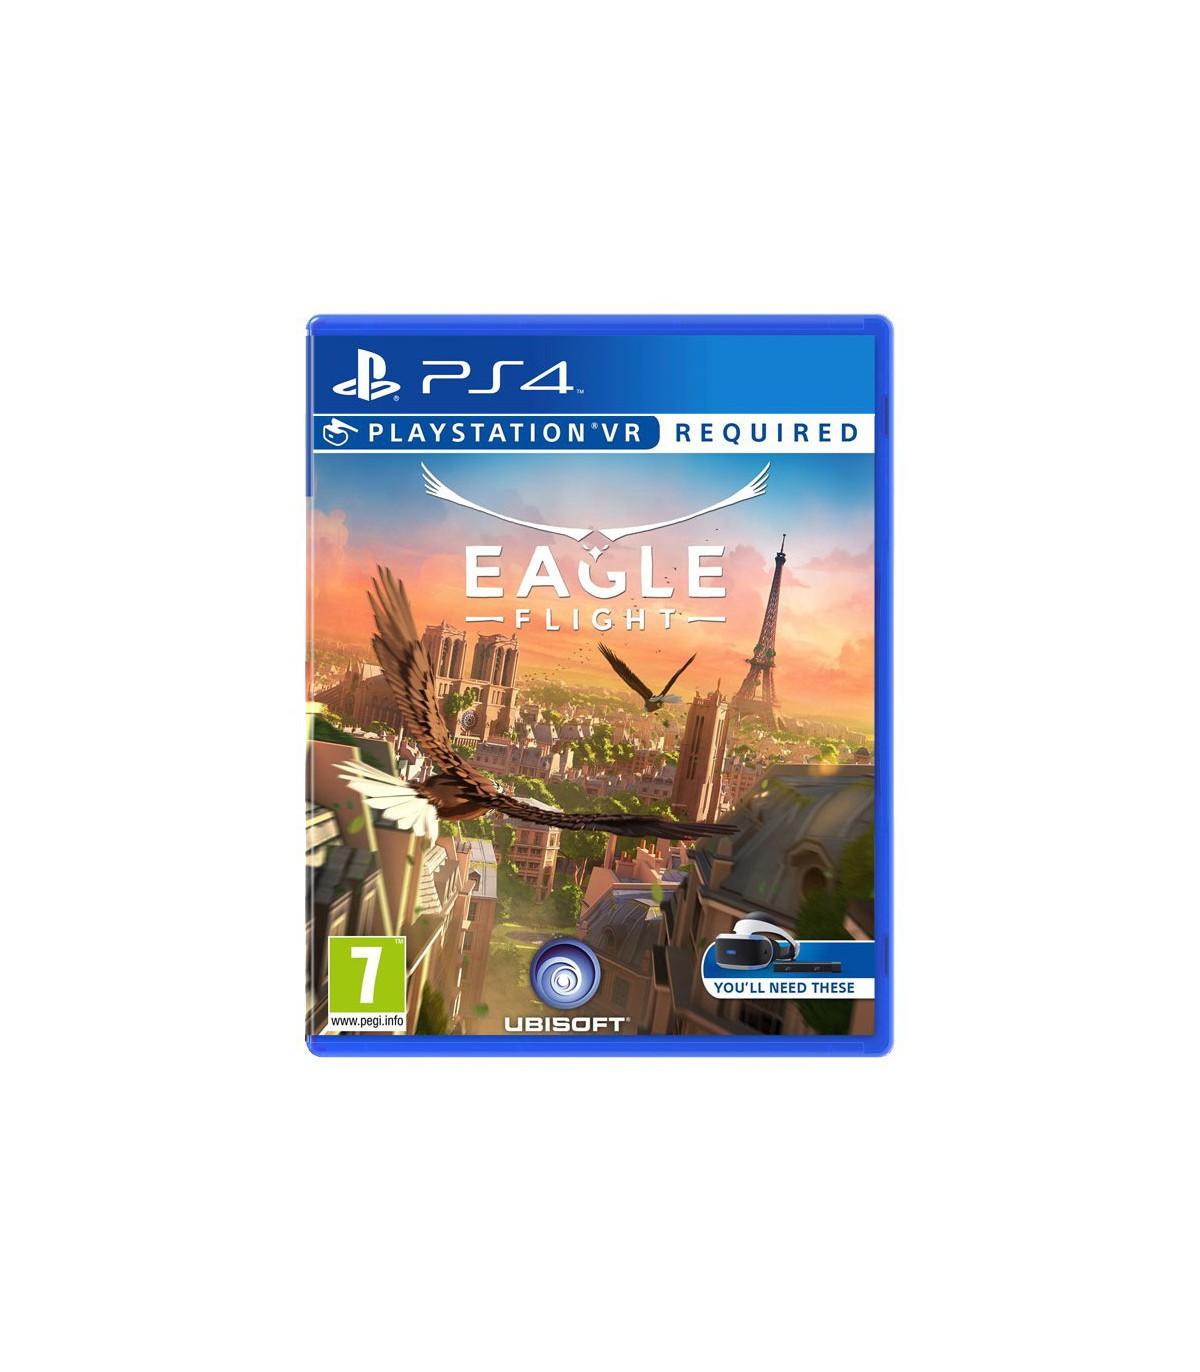 بازی Eagle Flight کارکرده (دست دوم) - پلی استیشن وی ار